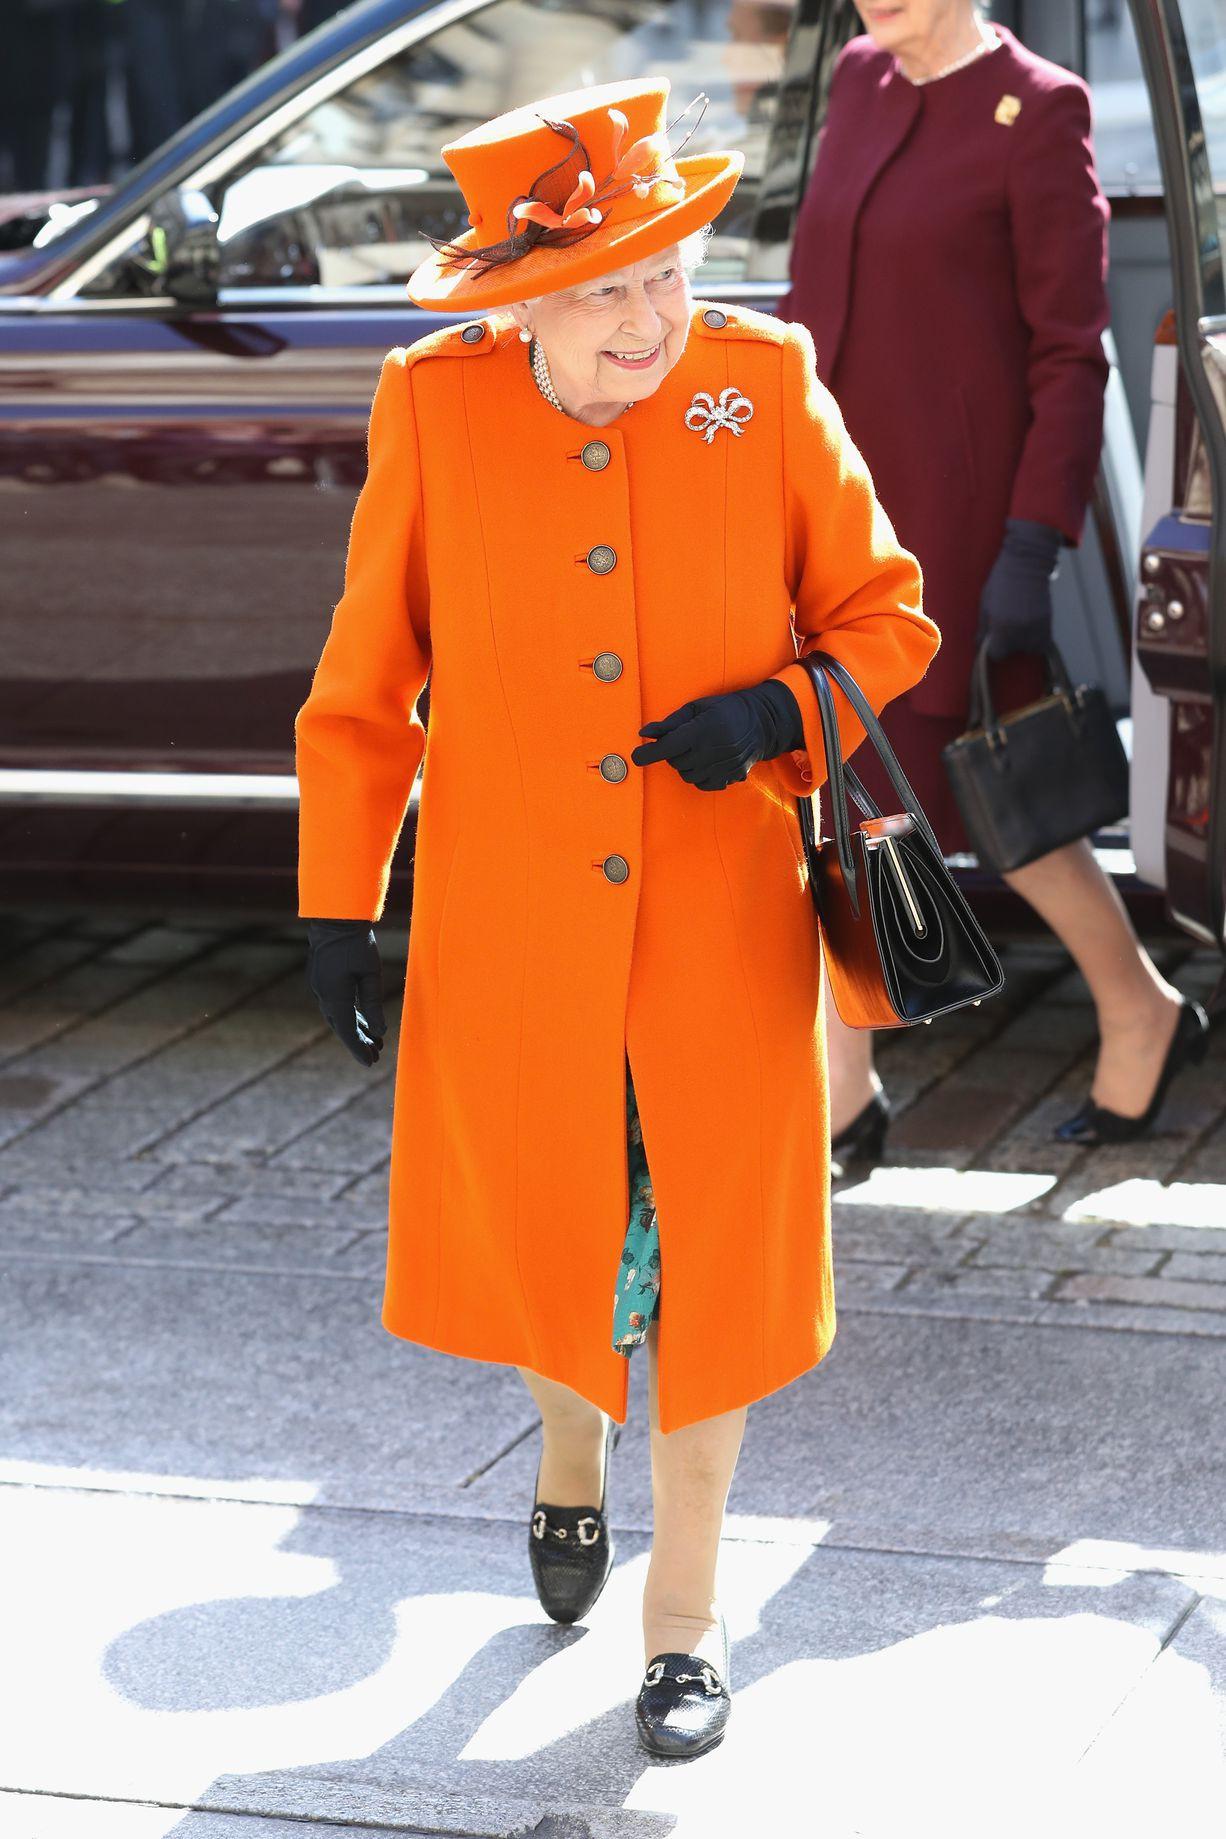 Tưởng chỉ cần ăn mặc trang nhã là đủ, hóa ra thành viên hoàng gia Anh phải tuân thủ cả chục quy tắc thời trang khắt khe - Ảnh 8.